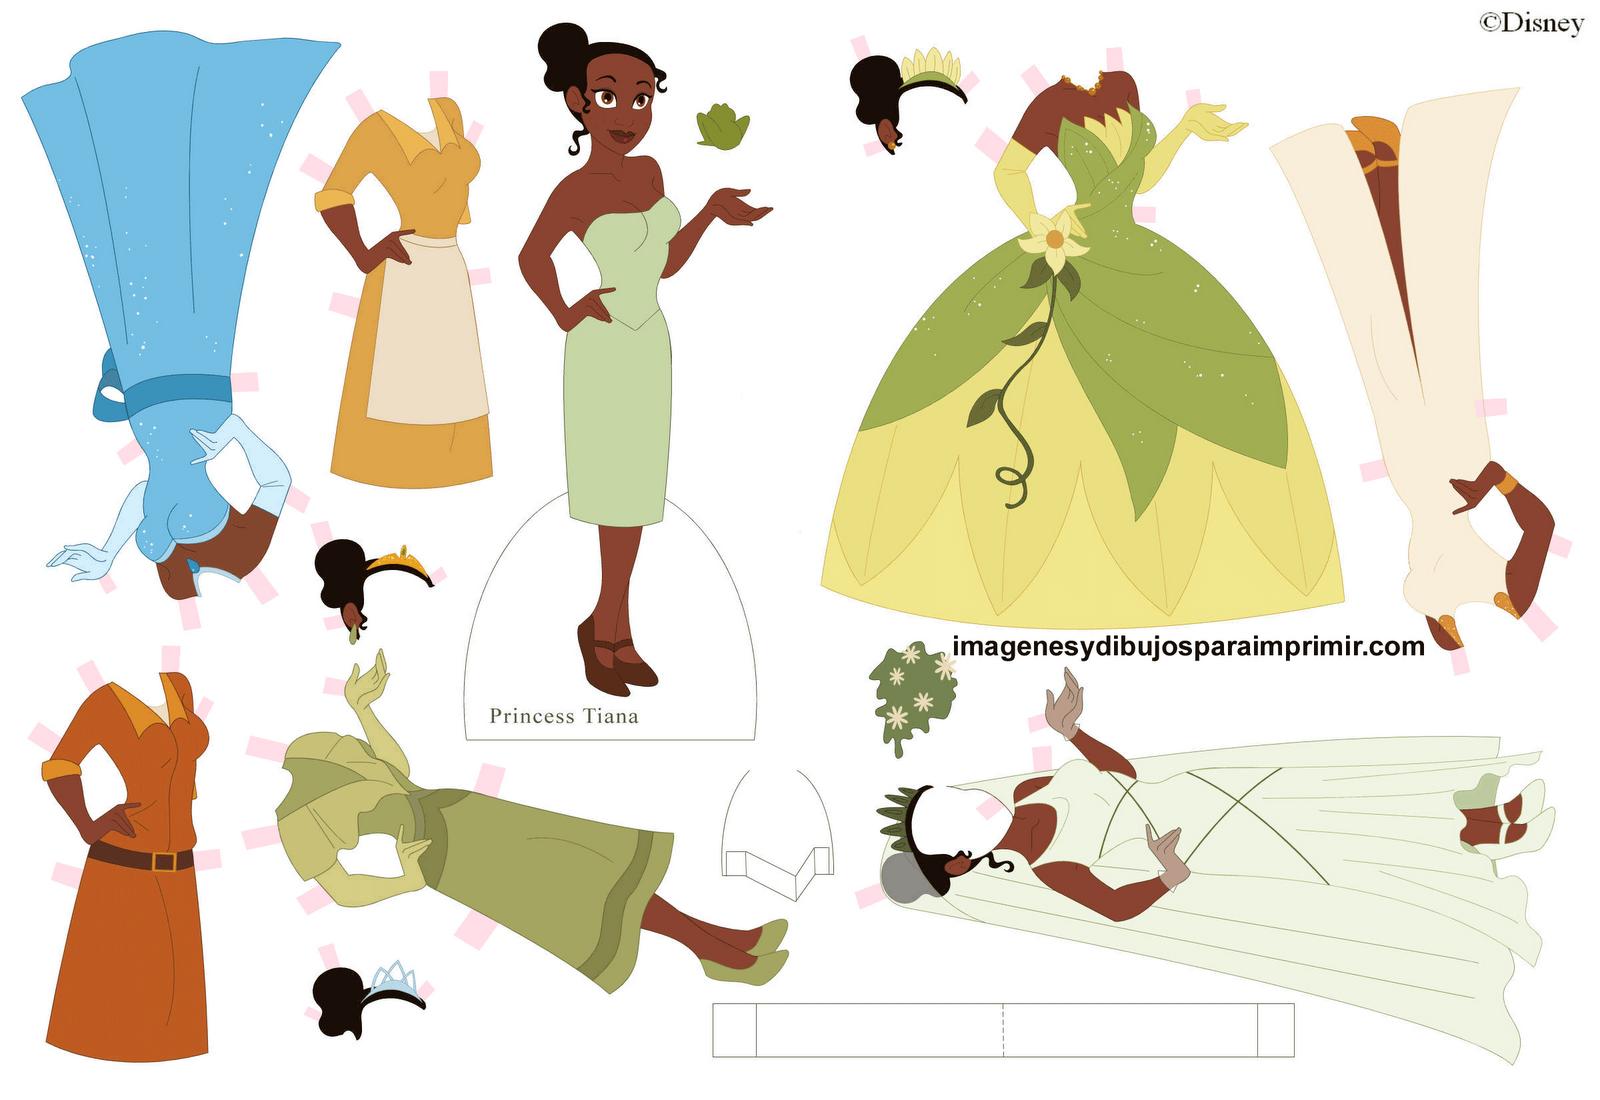 Dibujo De Tiana Y El Sapo Tiana Para Colorear: Imágen Para Recortar Tiana Princesa Disney-Imagenes Y